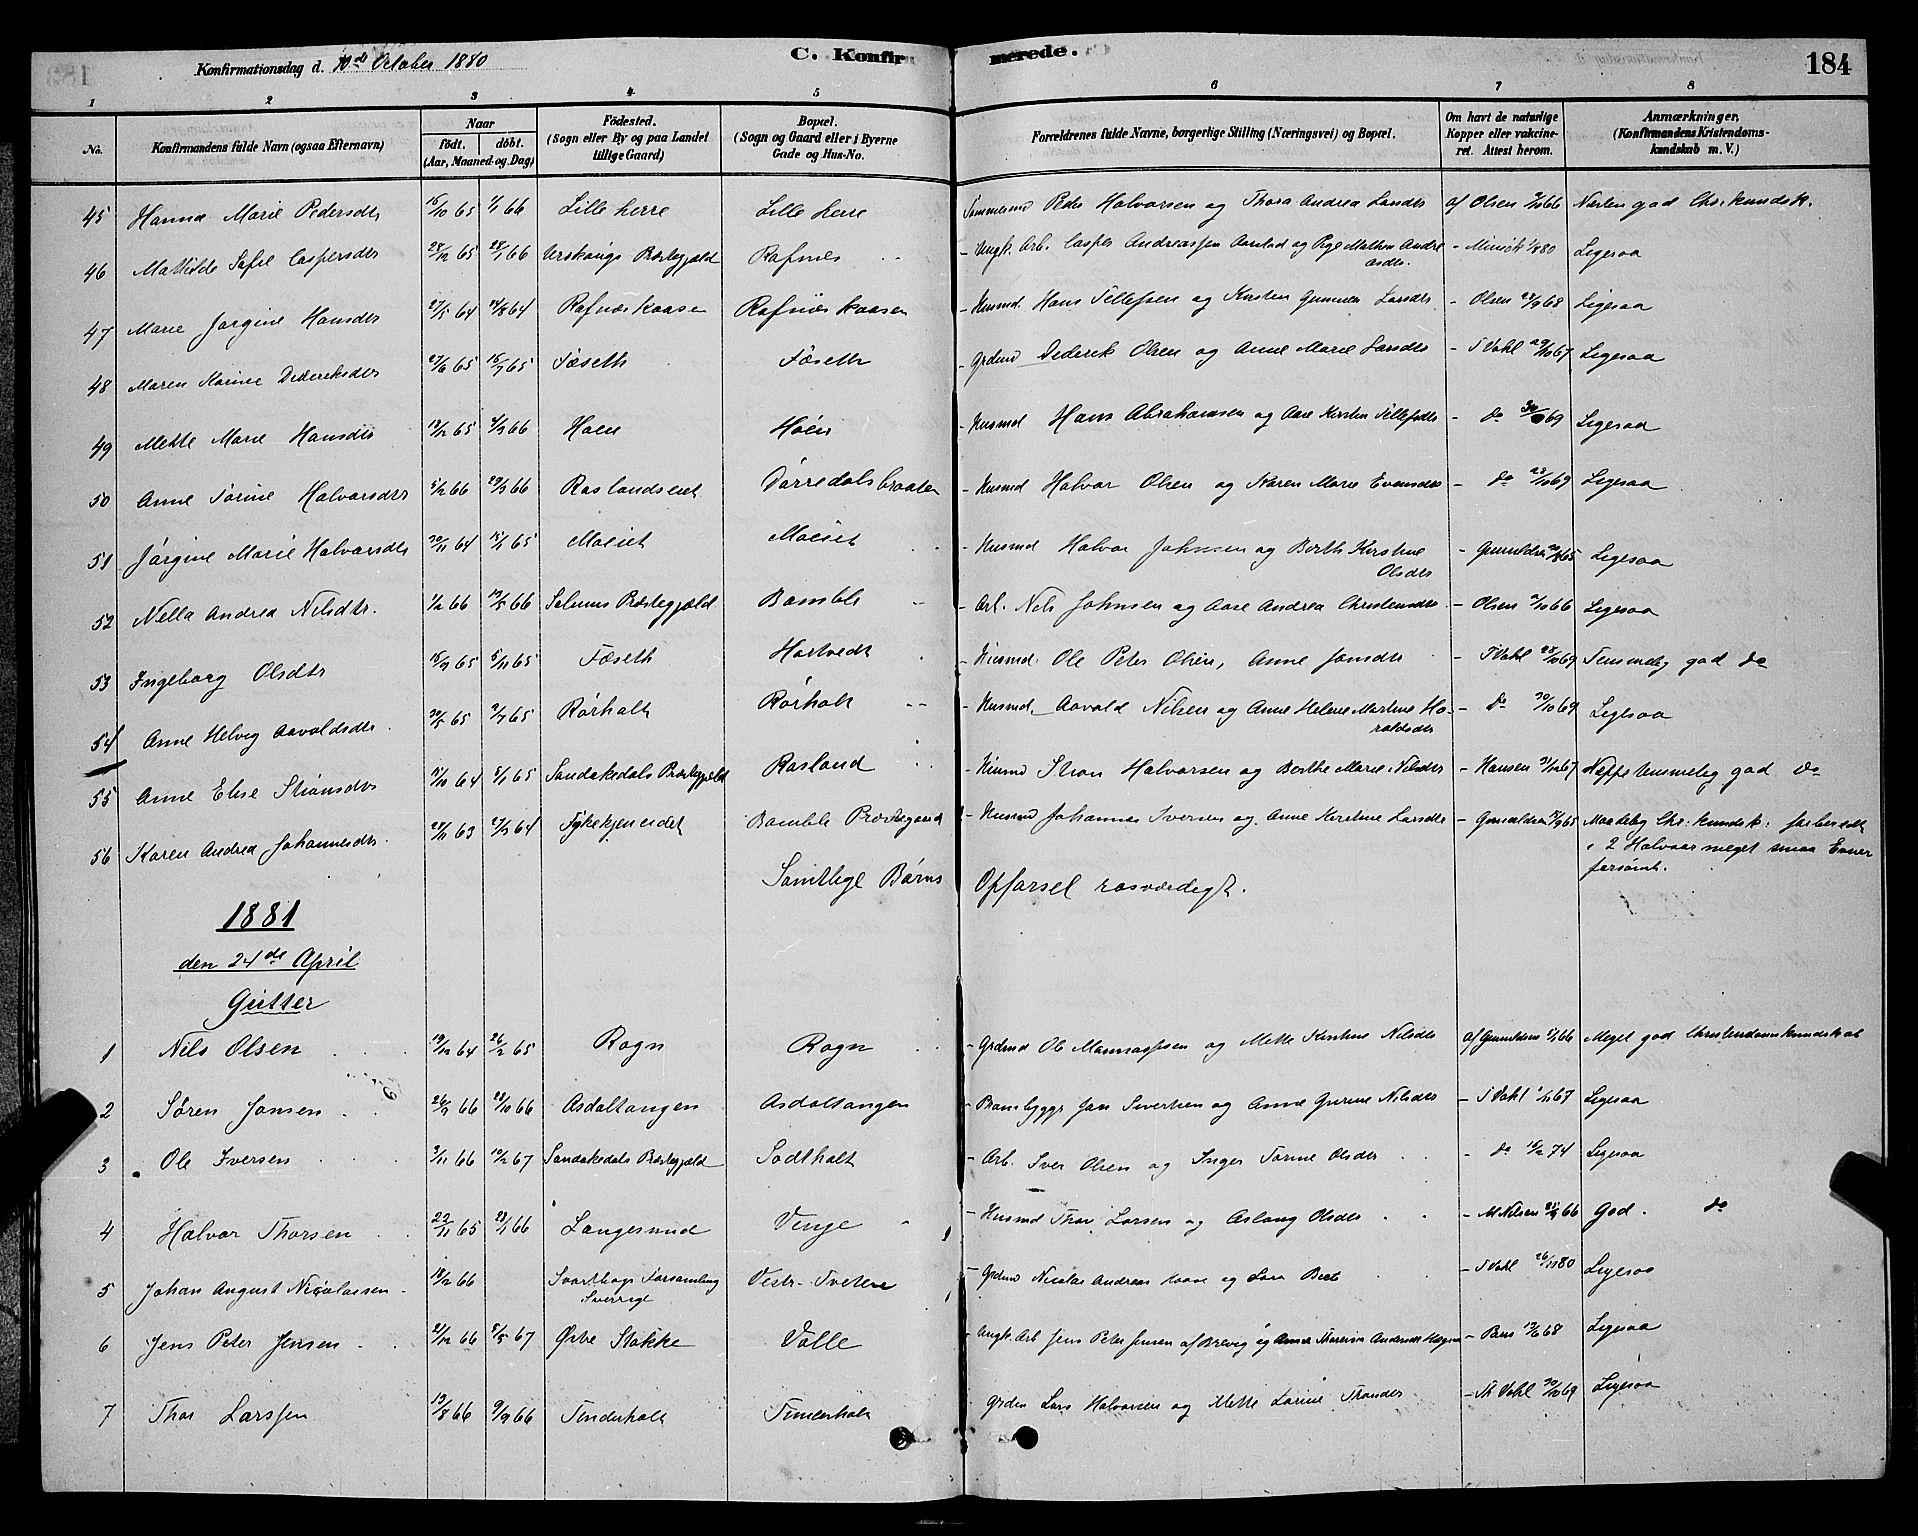 SAKO, Bamble kirkebøker, G/Ga/L0008: Klokkerbok nr. I 8, 1878-1888, s. 184